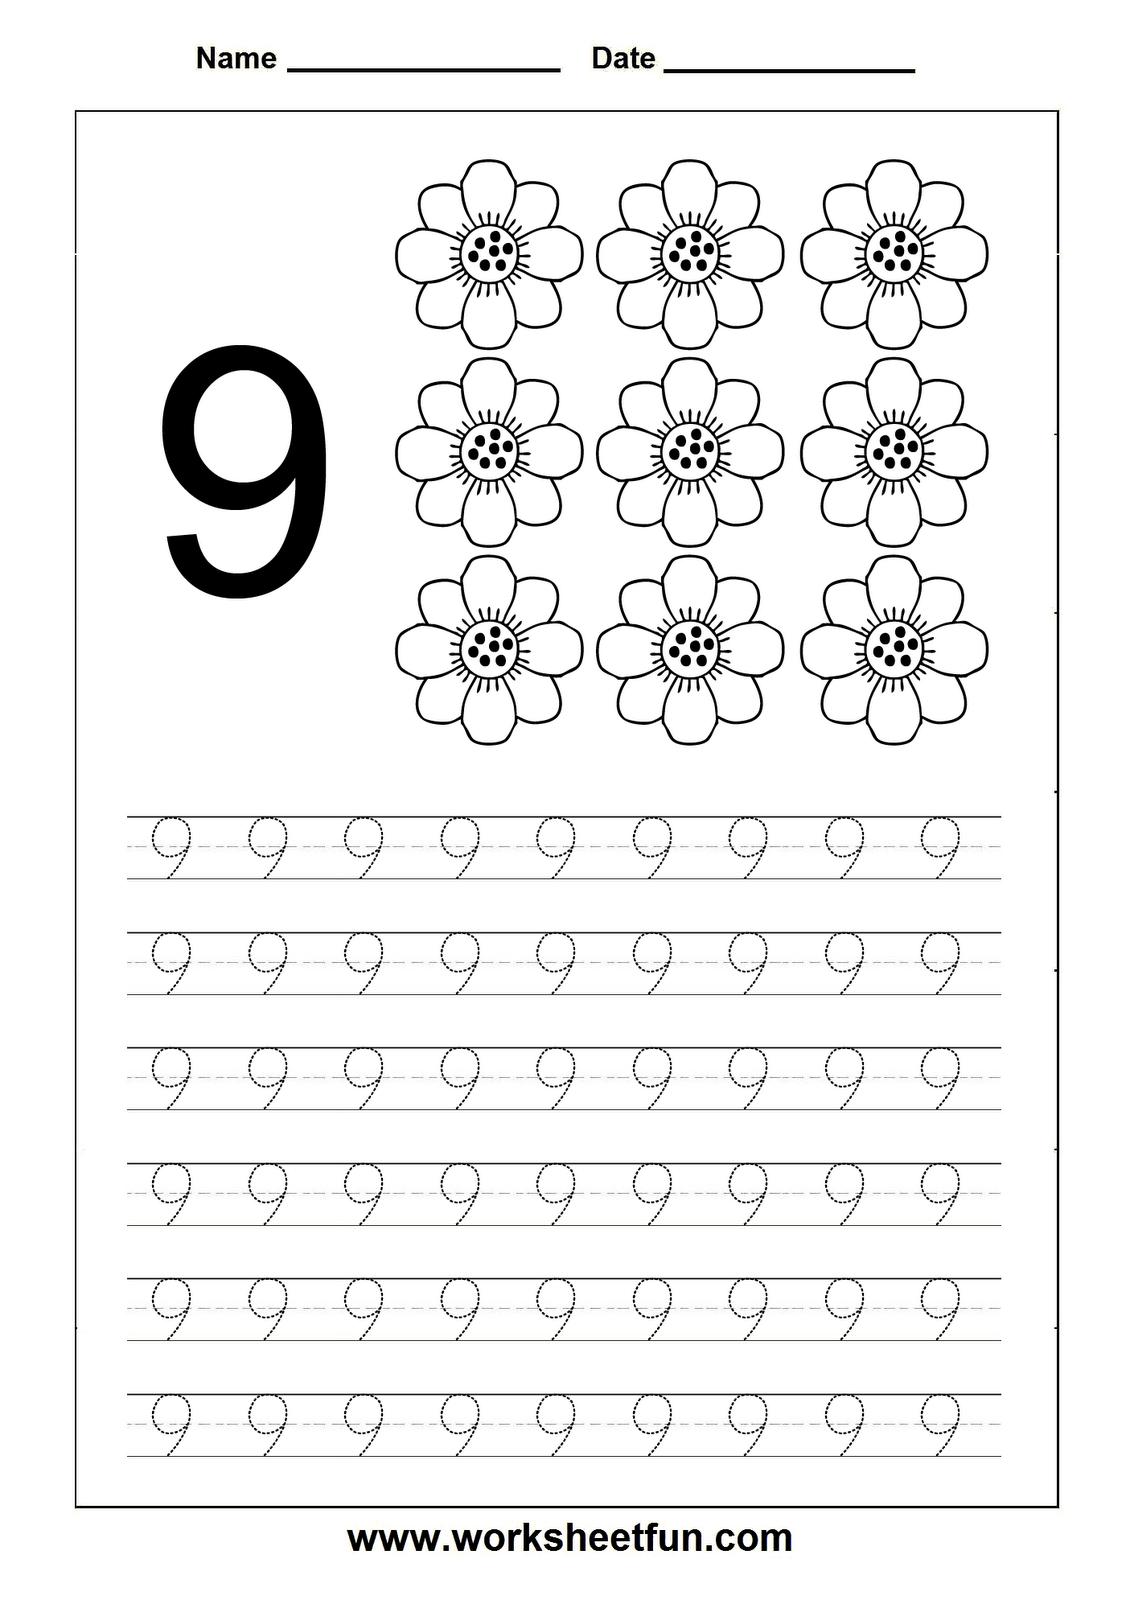 Worksheet  Number 9 Worksheets  Brunokone Worksheet Study Site